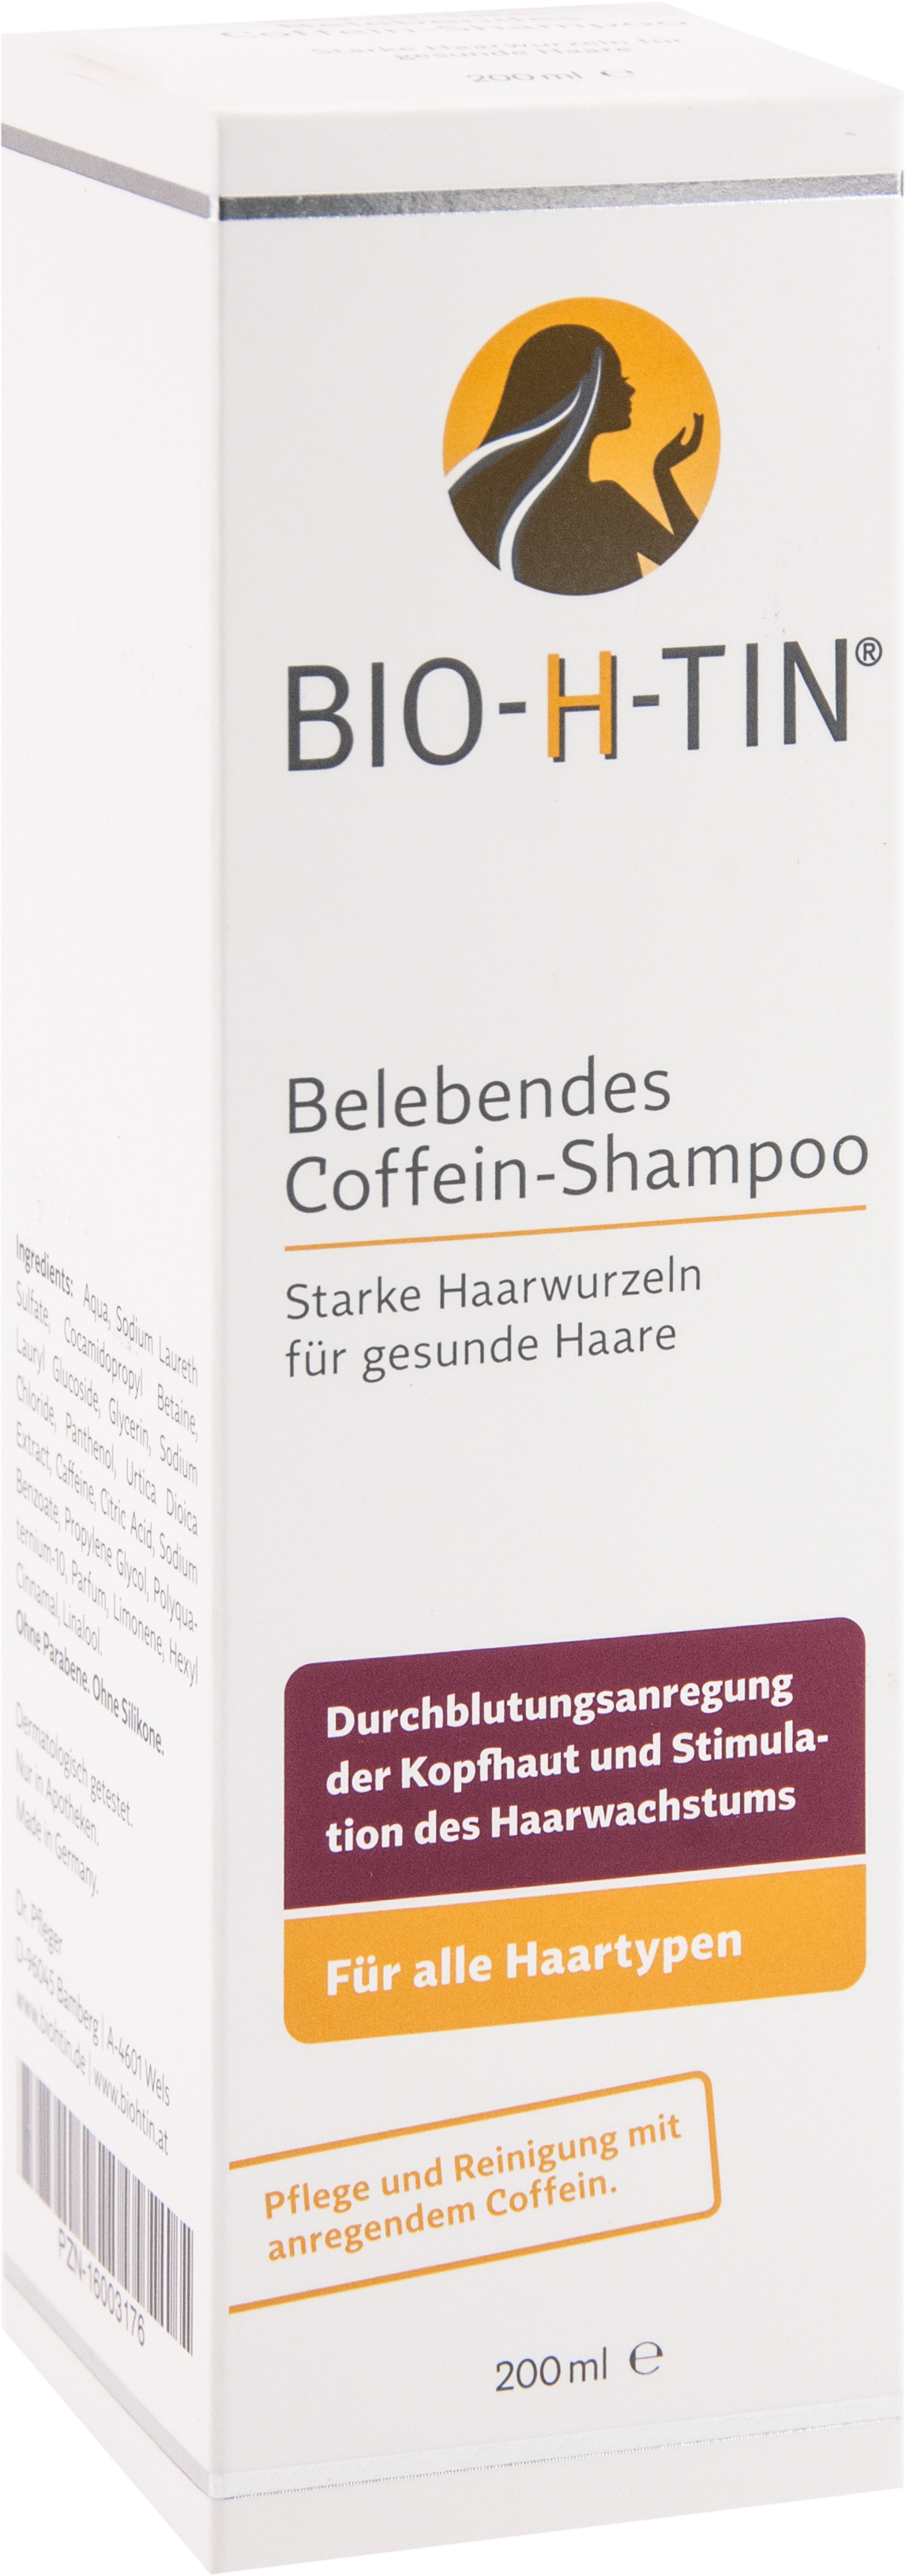 BIO-H-TIN Coffein-Shampoo